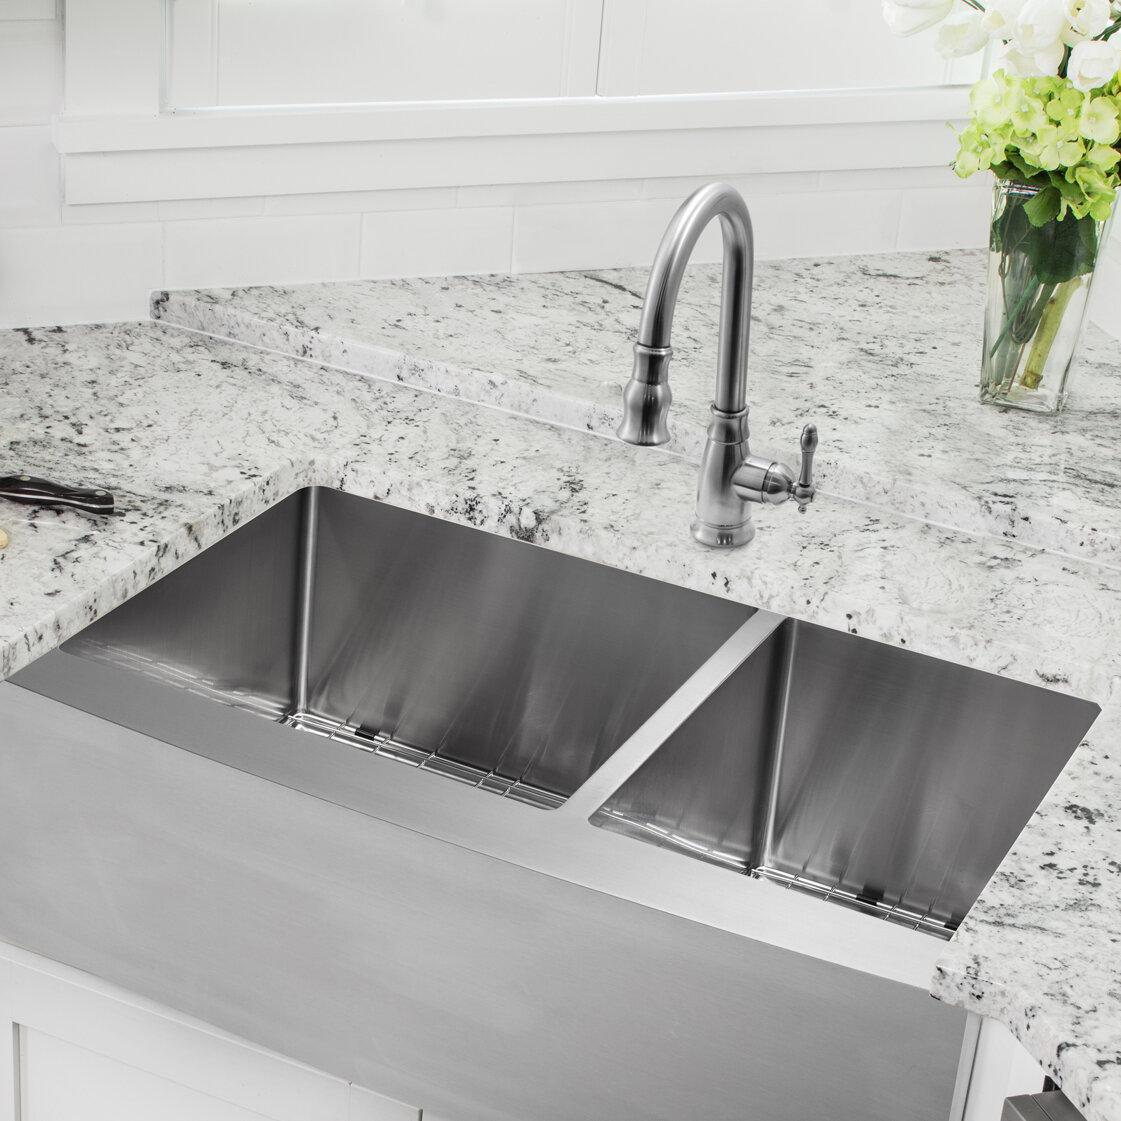 Undermount Kitchen Sink With Prep on large stainless sink, small round prep sink, upc sink, blanco 40 60 sink, laminate undermount sink, best 16-gauge kitchen sink, extra large kitchen sink, offset kitchen sink, 24 double bowl undermount sink, double bowl apron front sink, mosaic tile sink, 24 kitchen sink, stainless steel deep sink, double kitchen sink, triple bowl kitchen sink, 60 40 stainless sink, 60 40 integrated kitchen sink, low divide sink, elkay undermount sink,